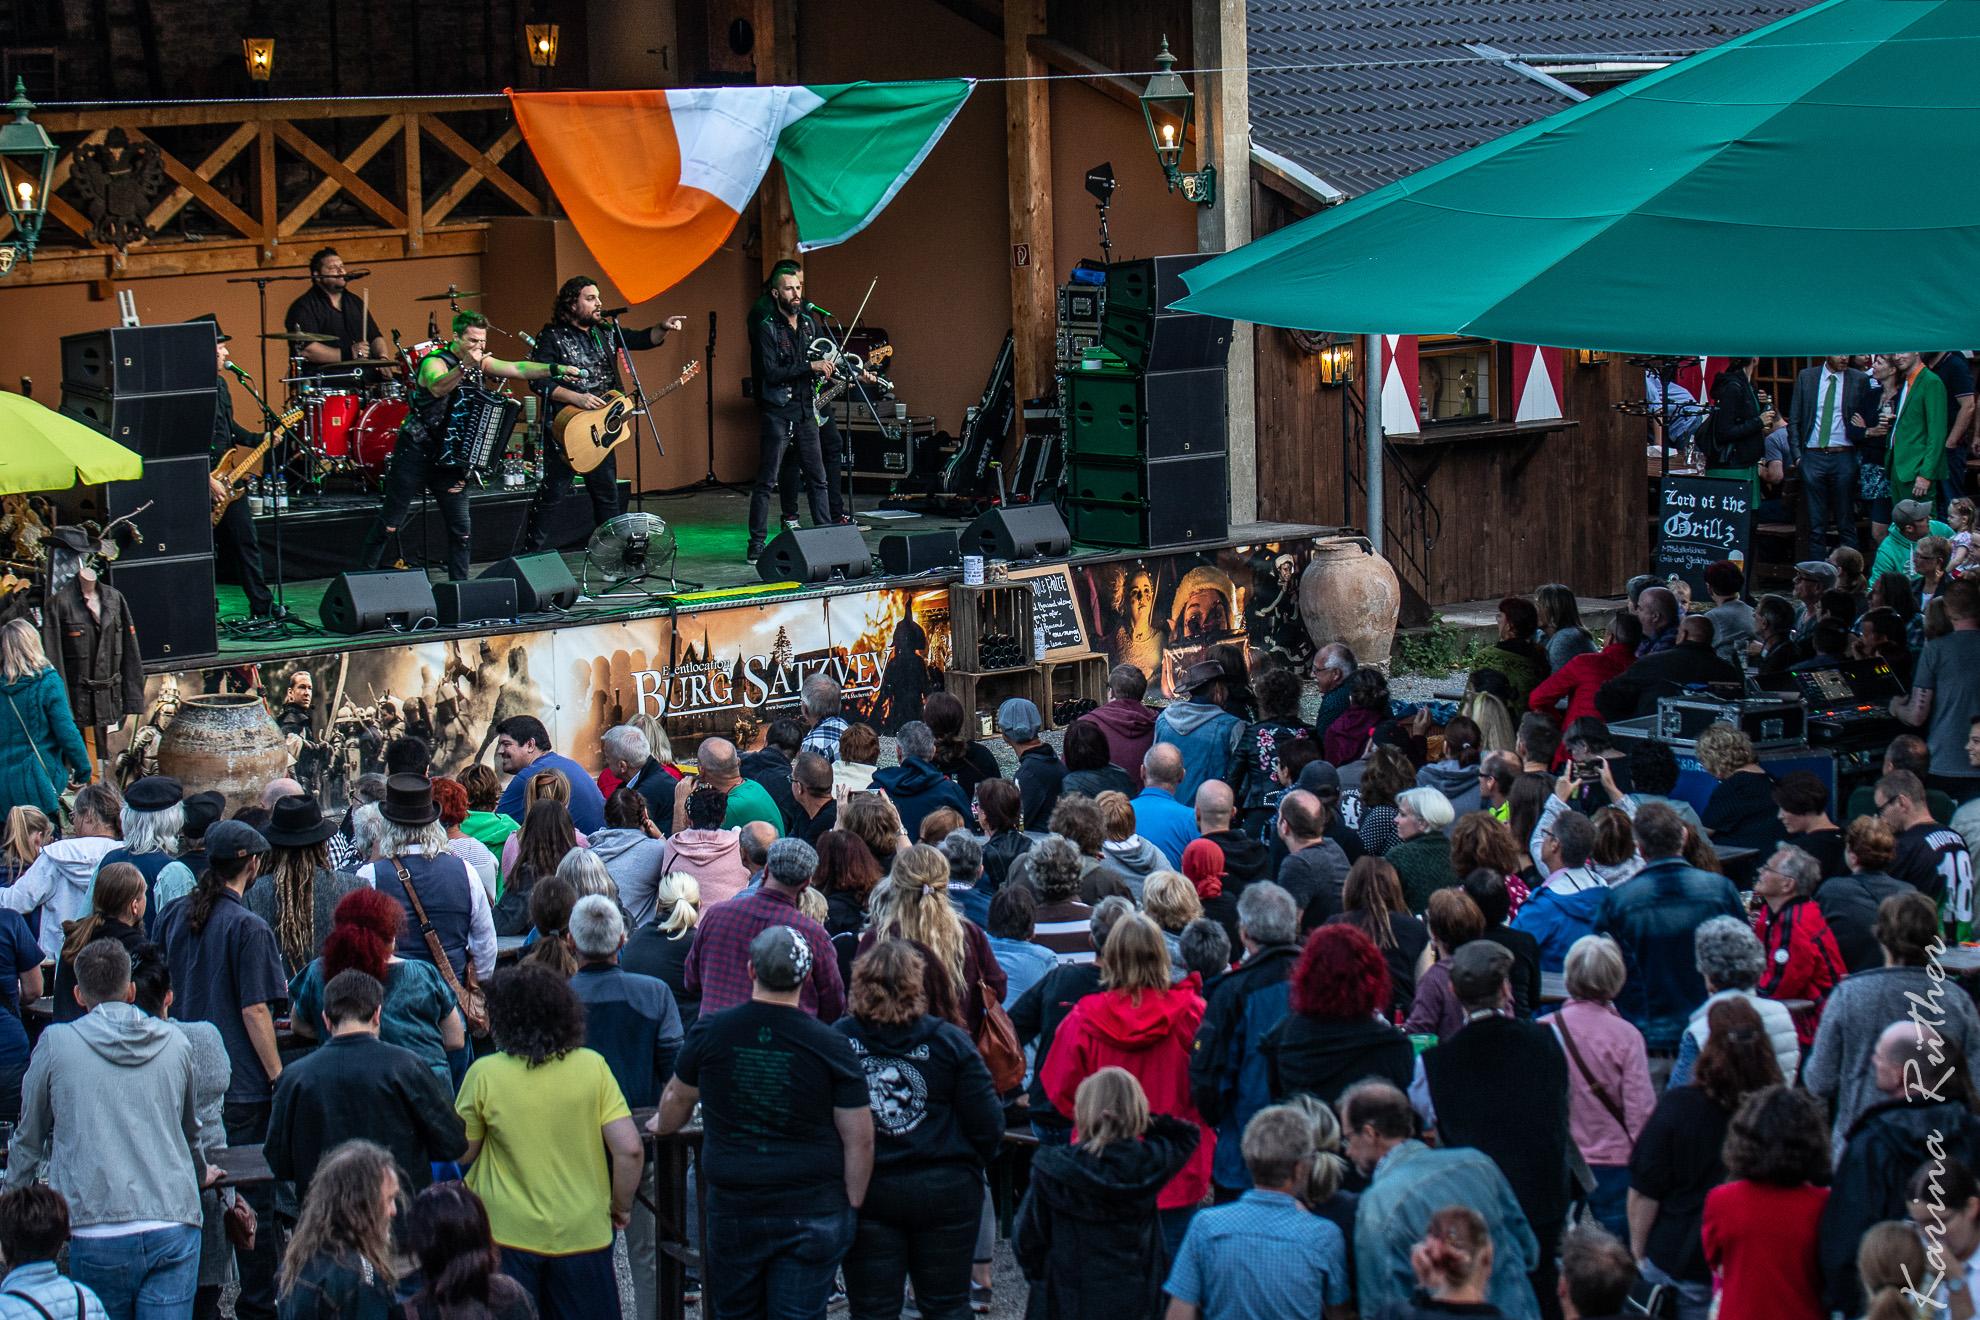 Irische Nacht auf Burg Satzvey 10. August 2019